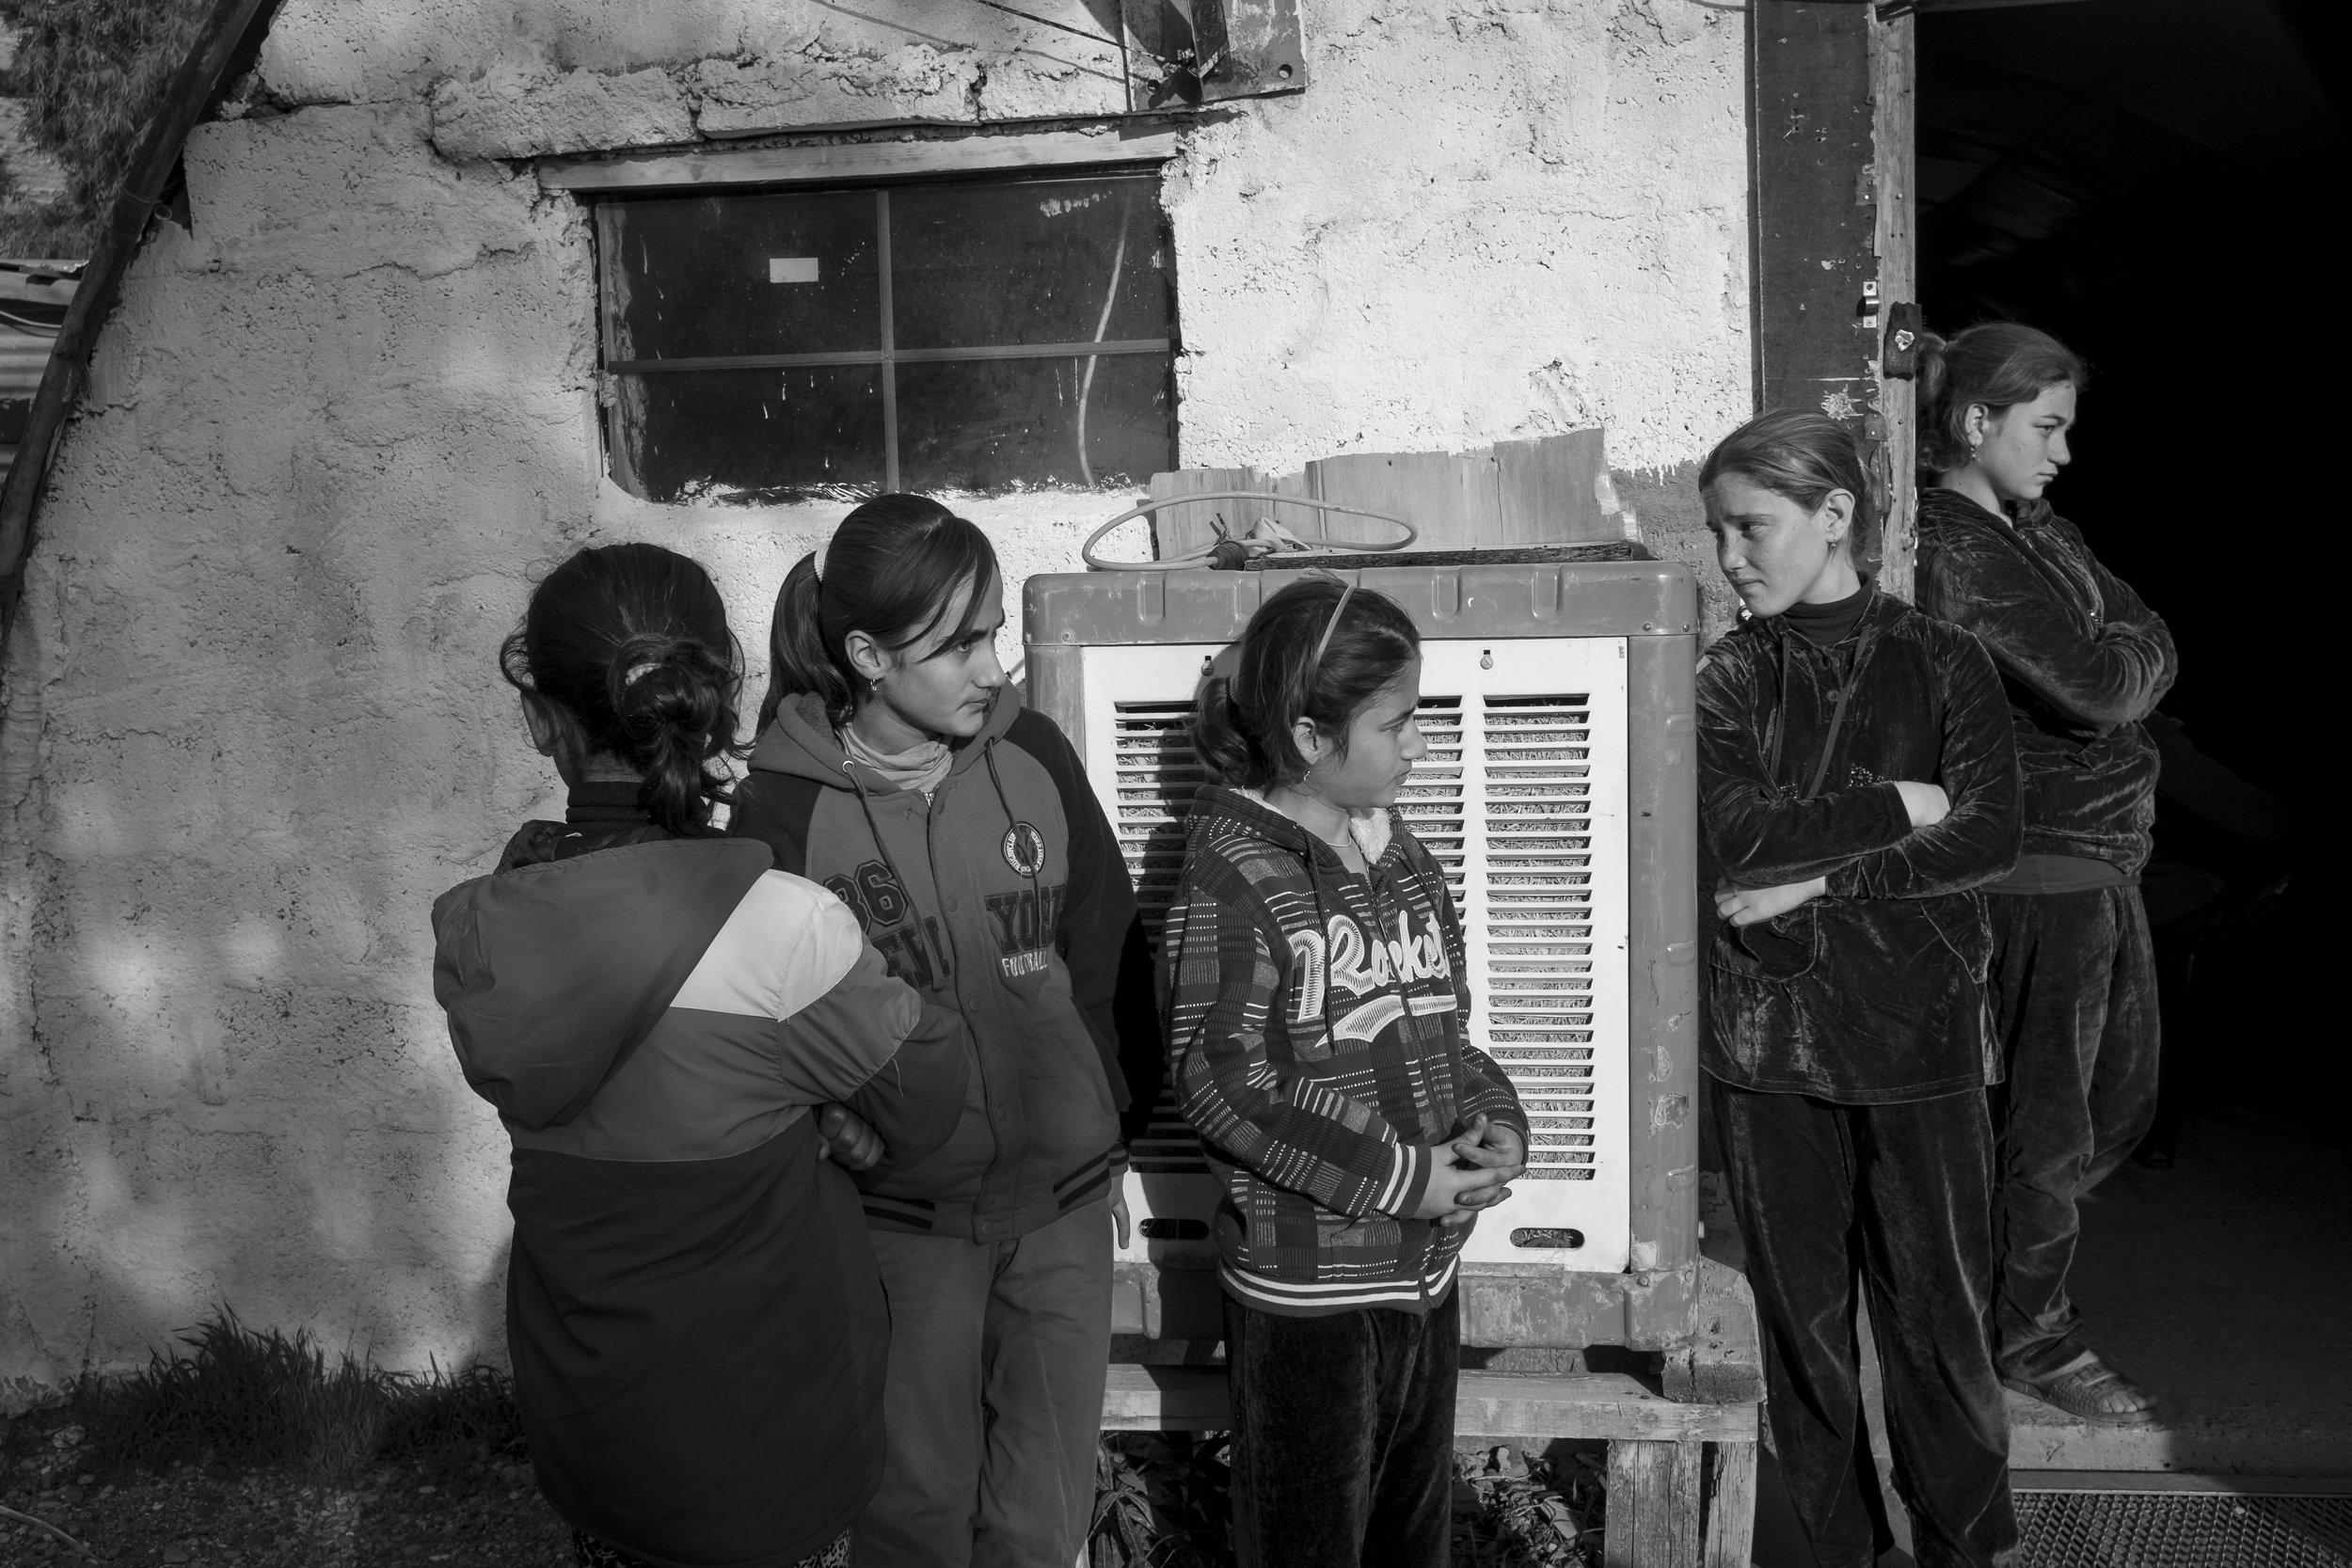 20141205_Refugee_GH_0611.jpg